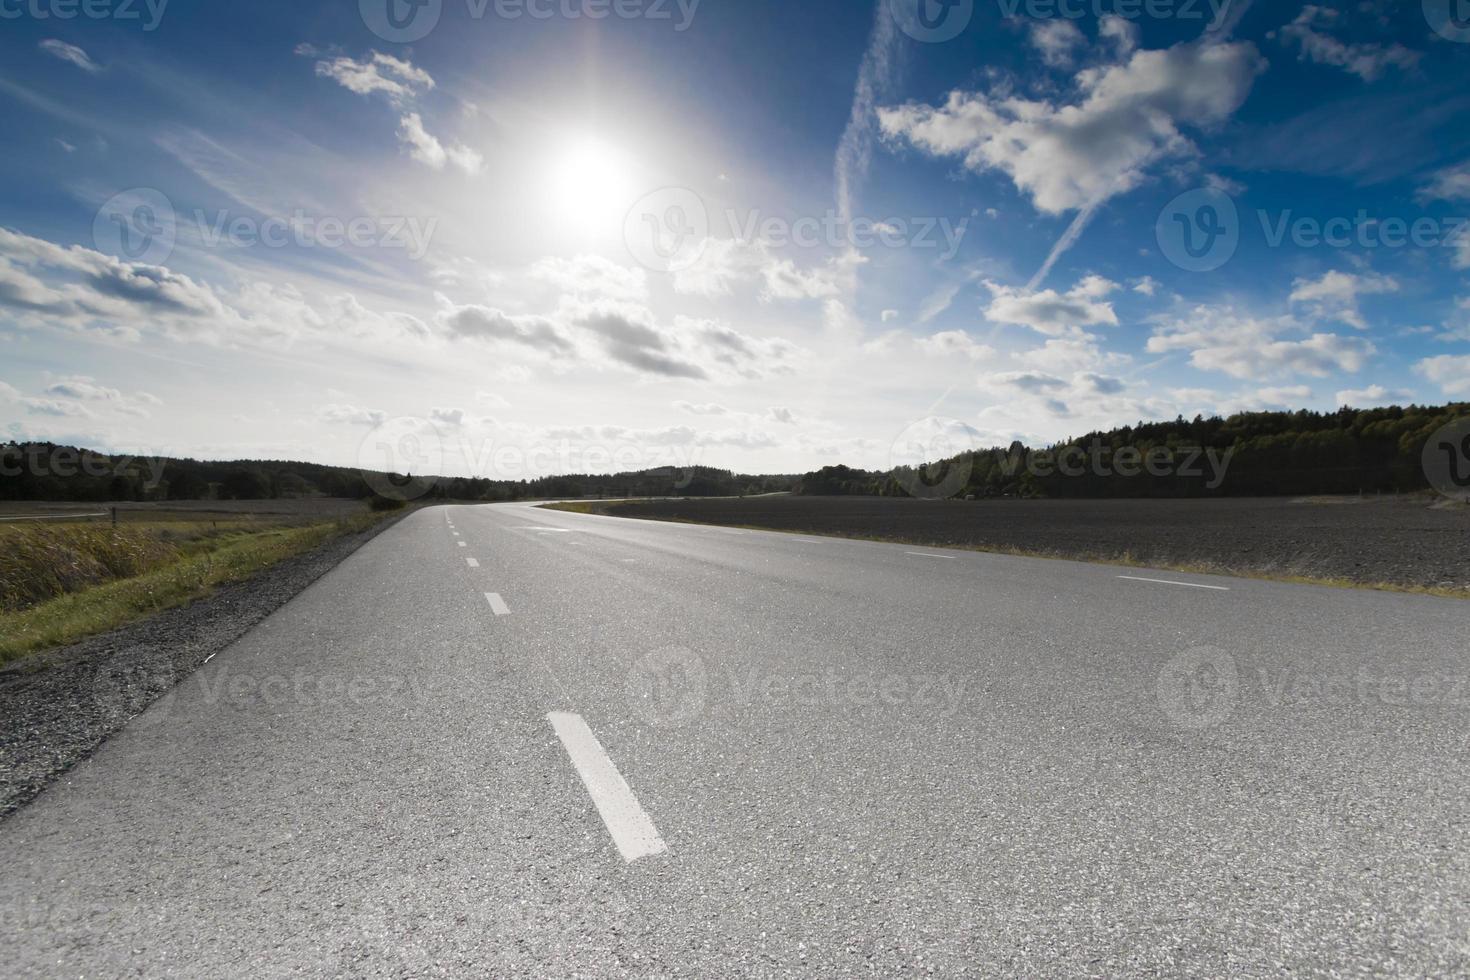 Route de campagne dans les régions rurales de la Suède par un après-midi de septembre ensoleillé photo